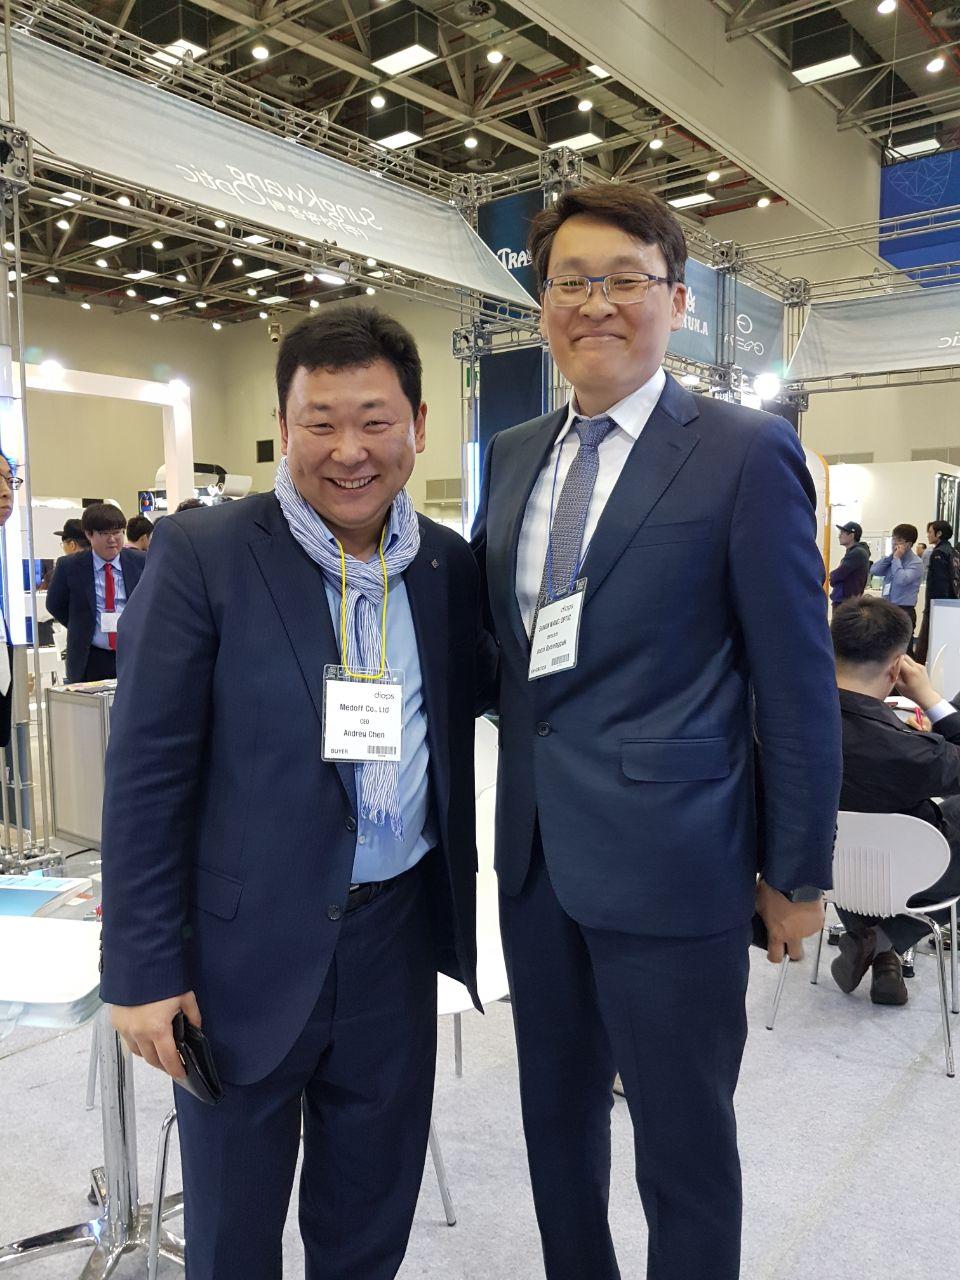 Посещение нового офиса компании HUVITZ KOREA DONGAN-GU - 3